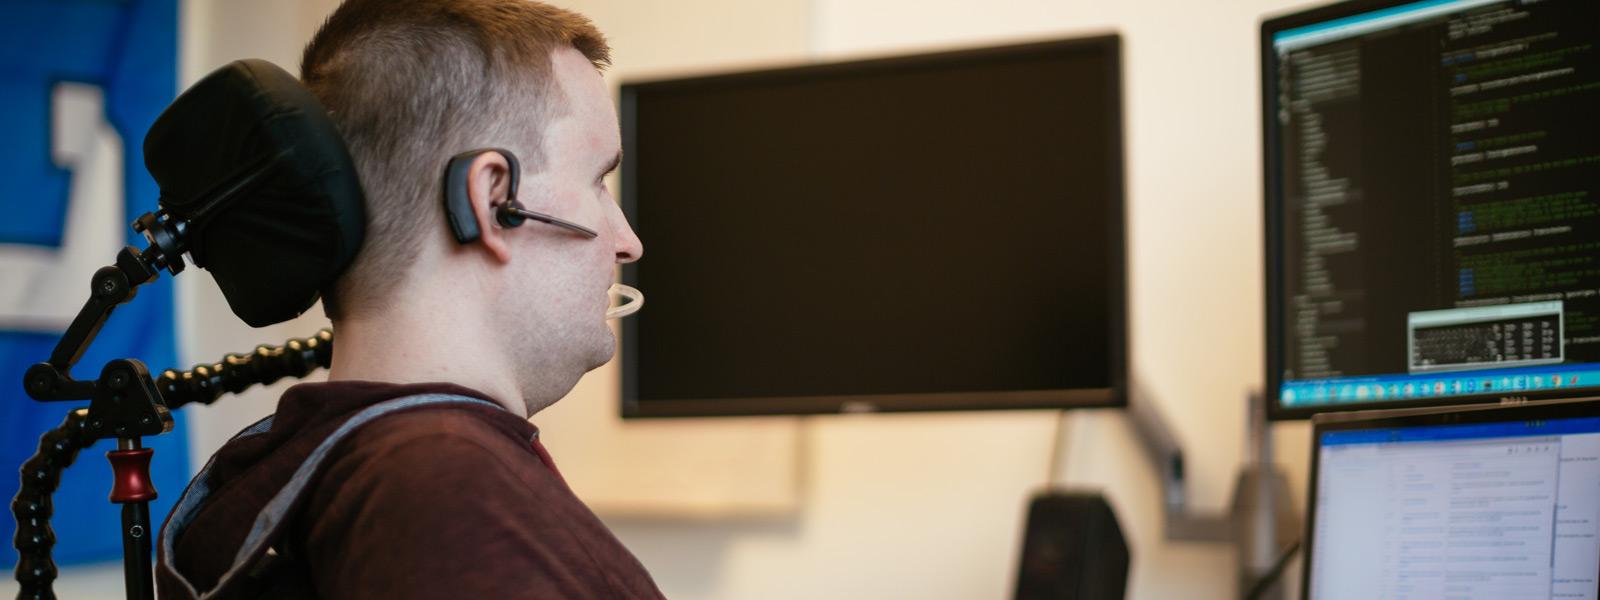 Homem em uma mesa usando a tecnologia de hardware assistencial para utilizar um computador Windows 10 com o controle por olhos